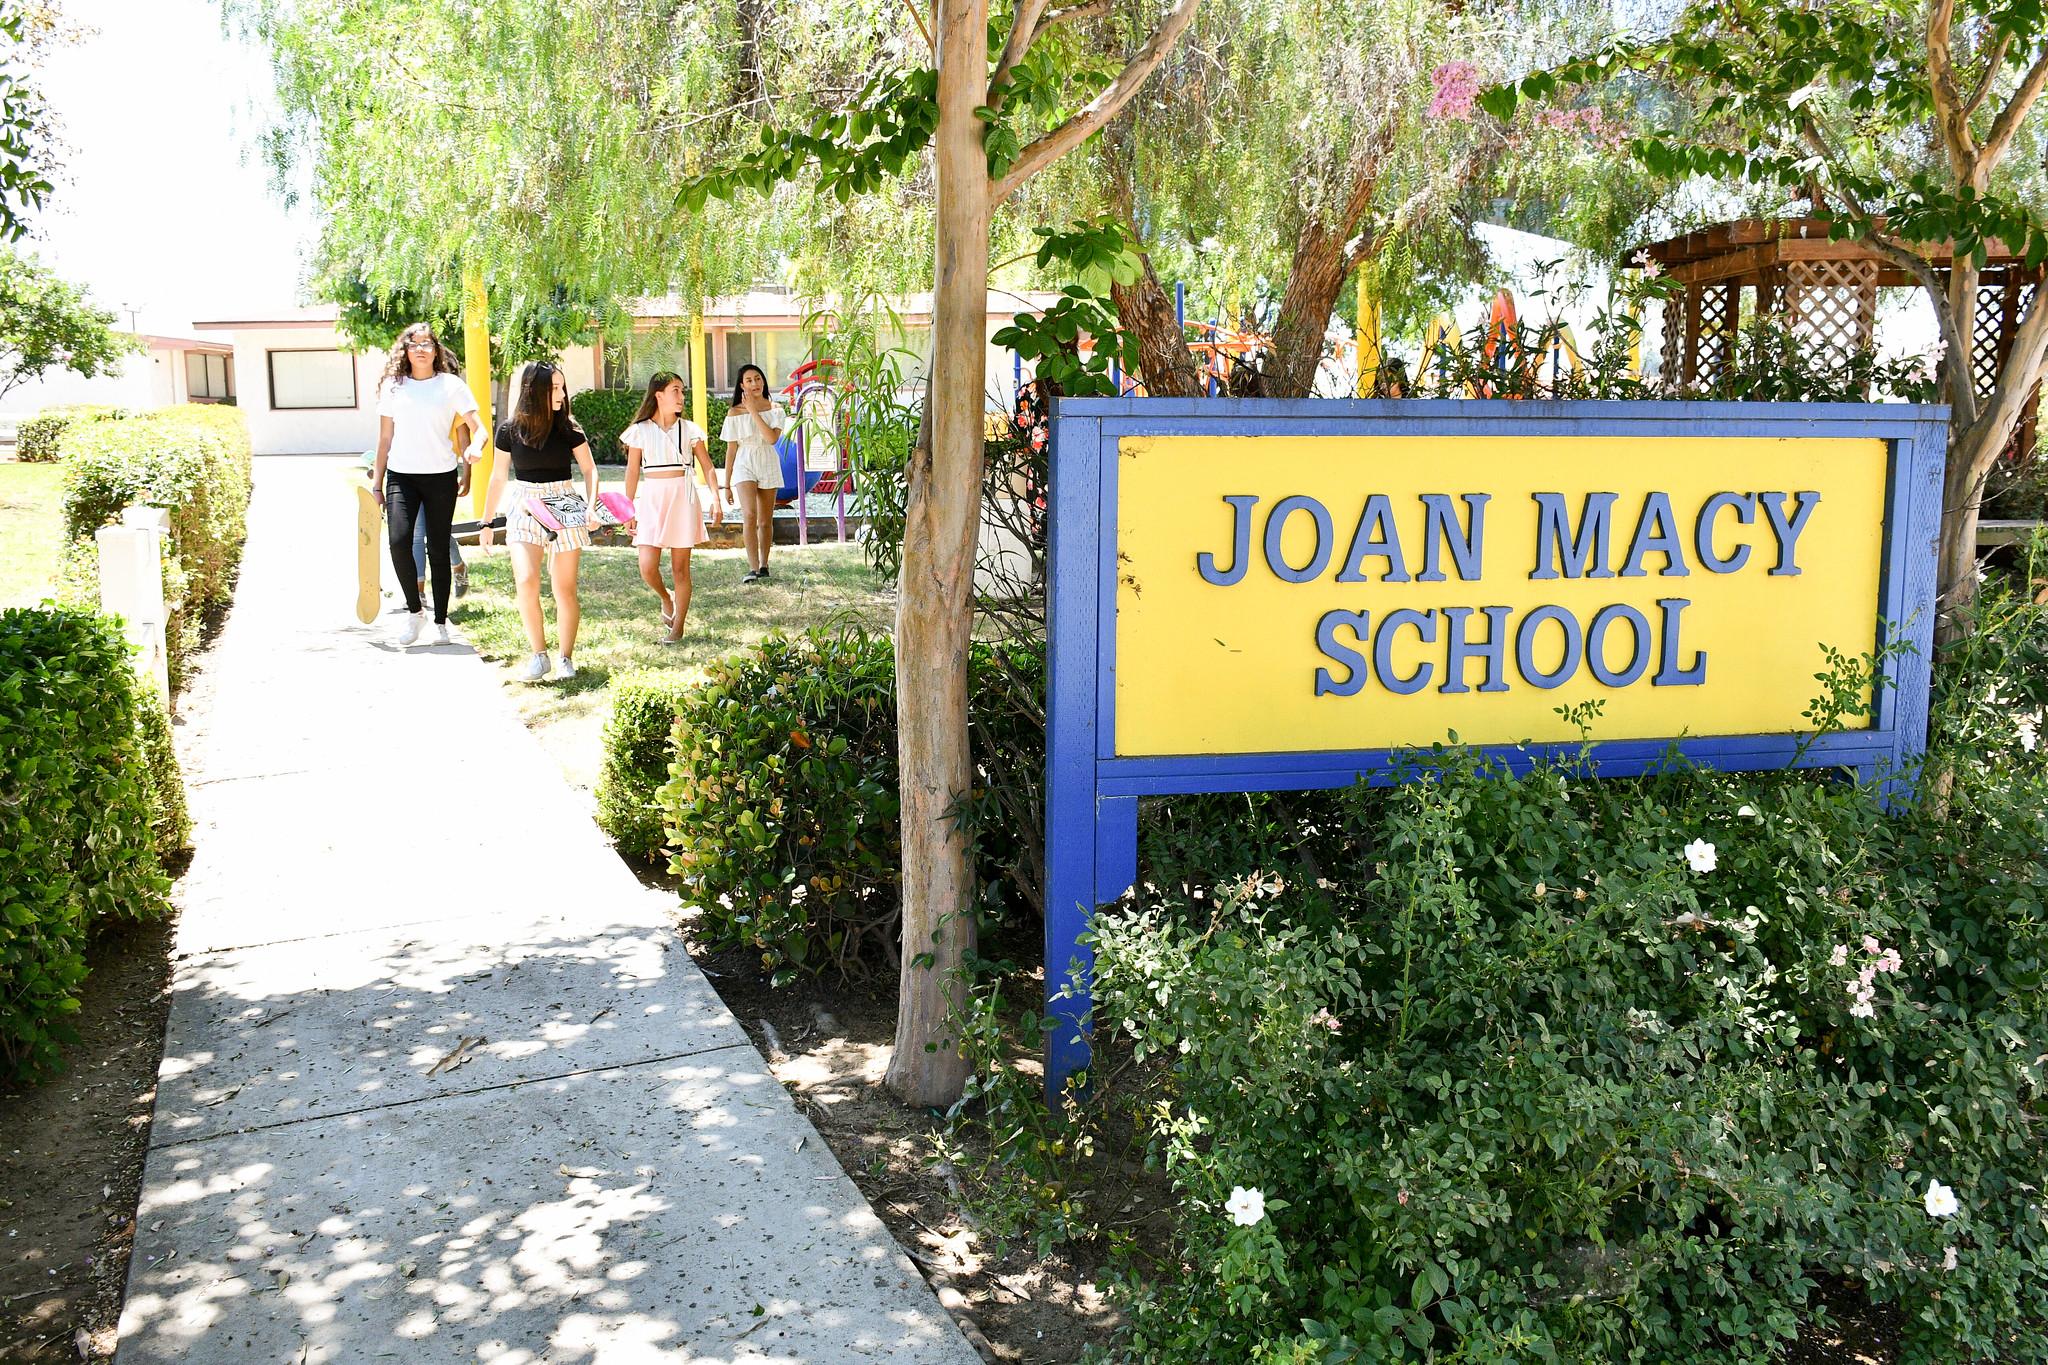 Joan Macy School Makes Learning Fun